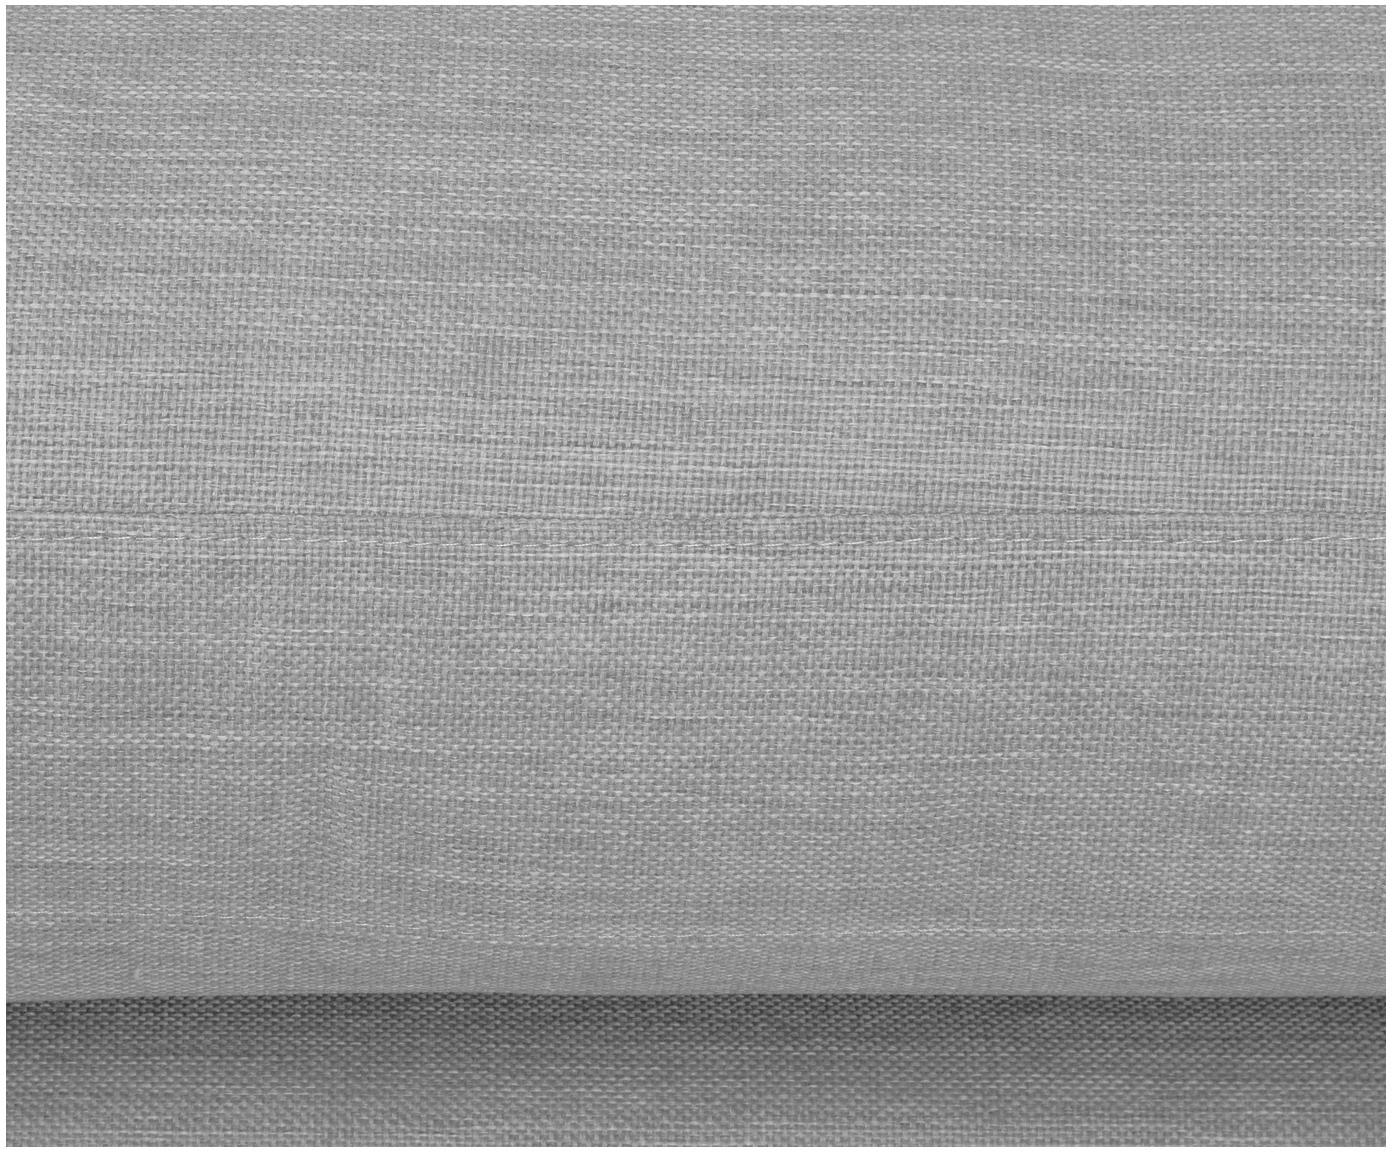 Sofa Zach (2-osobowa), Tapicerka: 100% polipropylen, Szary, S 191 x G 90 cm